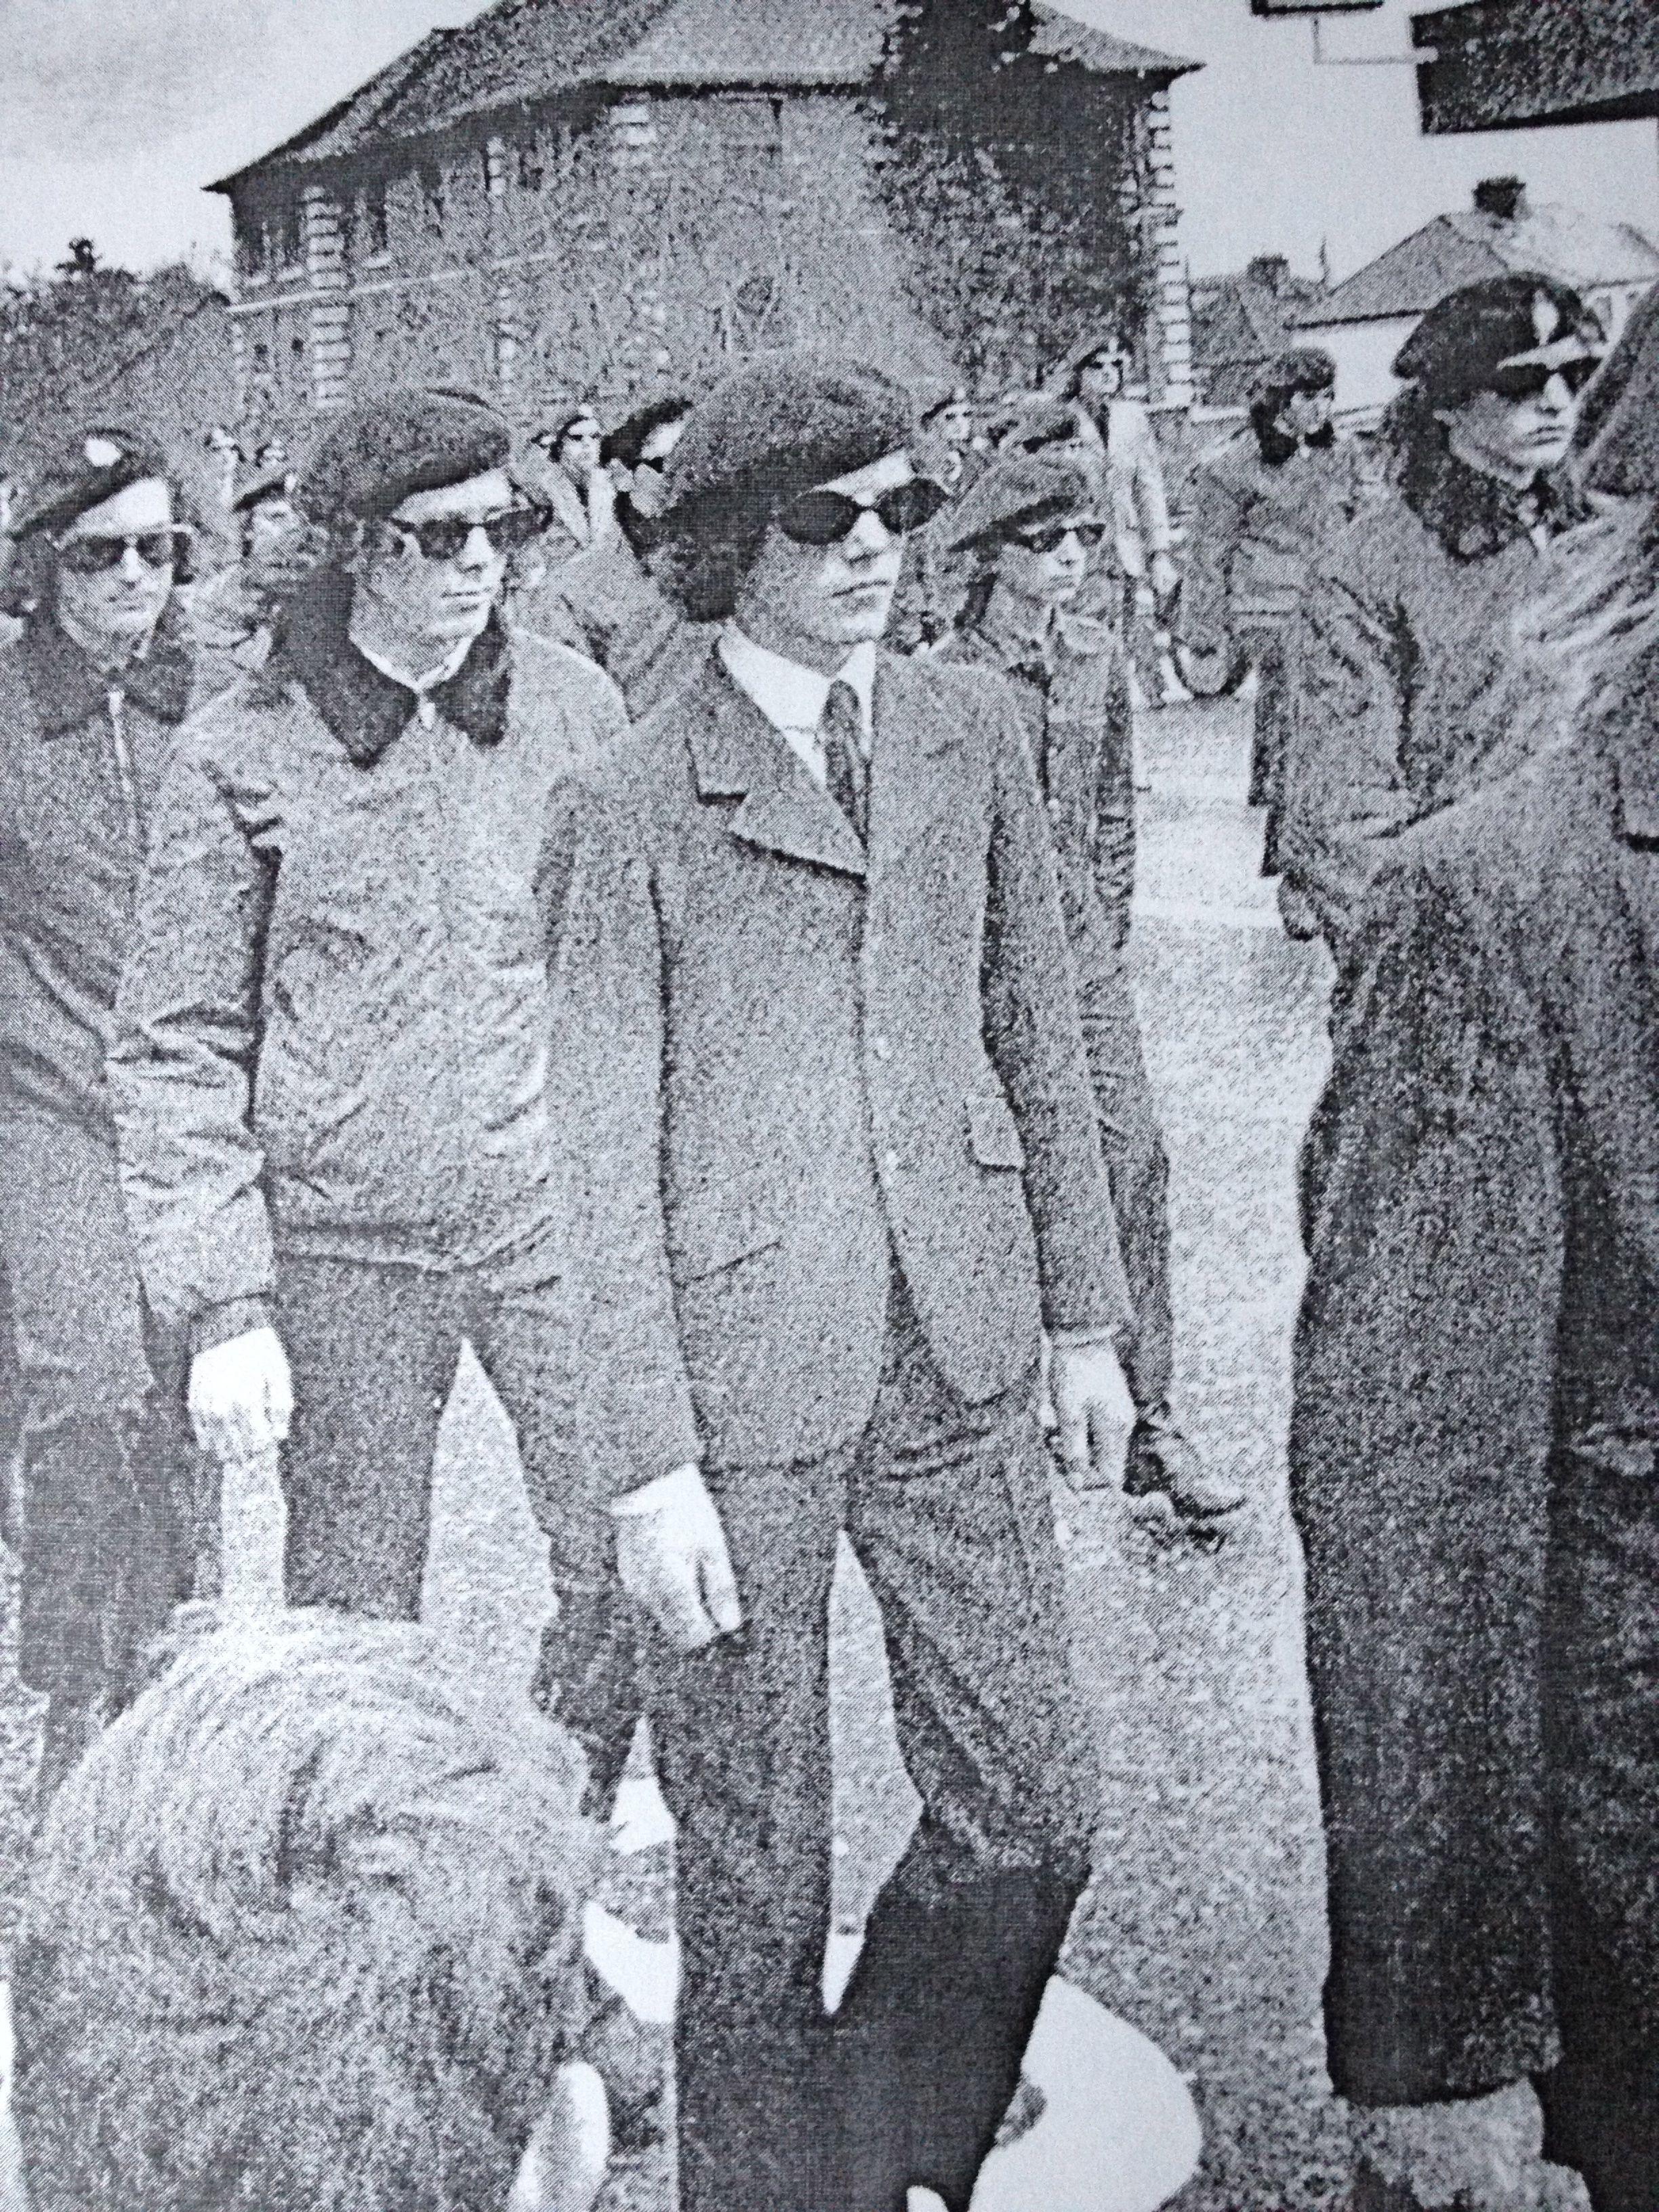 Senu Senu S/S 14 70s tailored jacket and suit. Nice beret